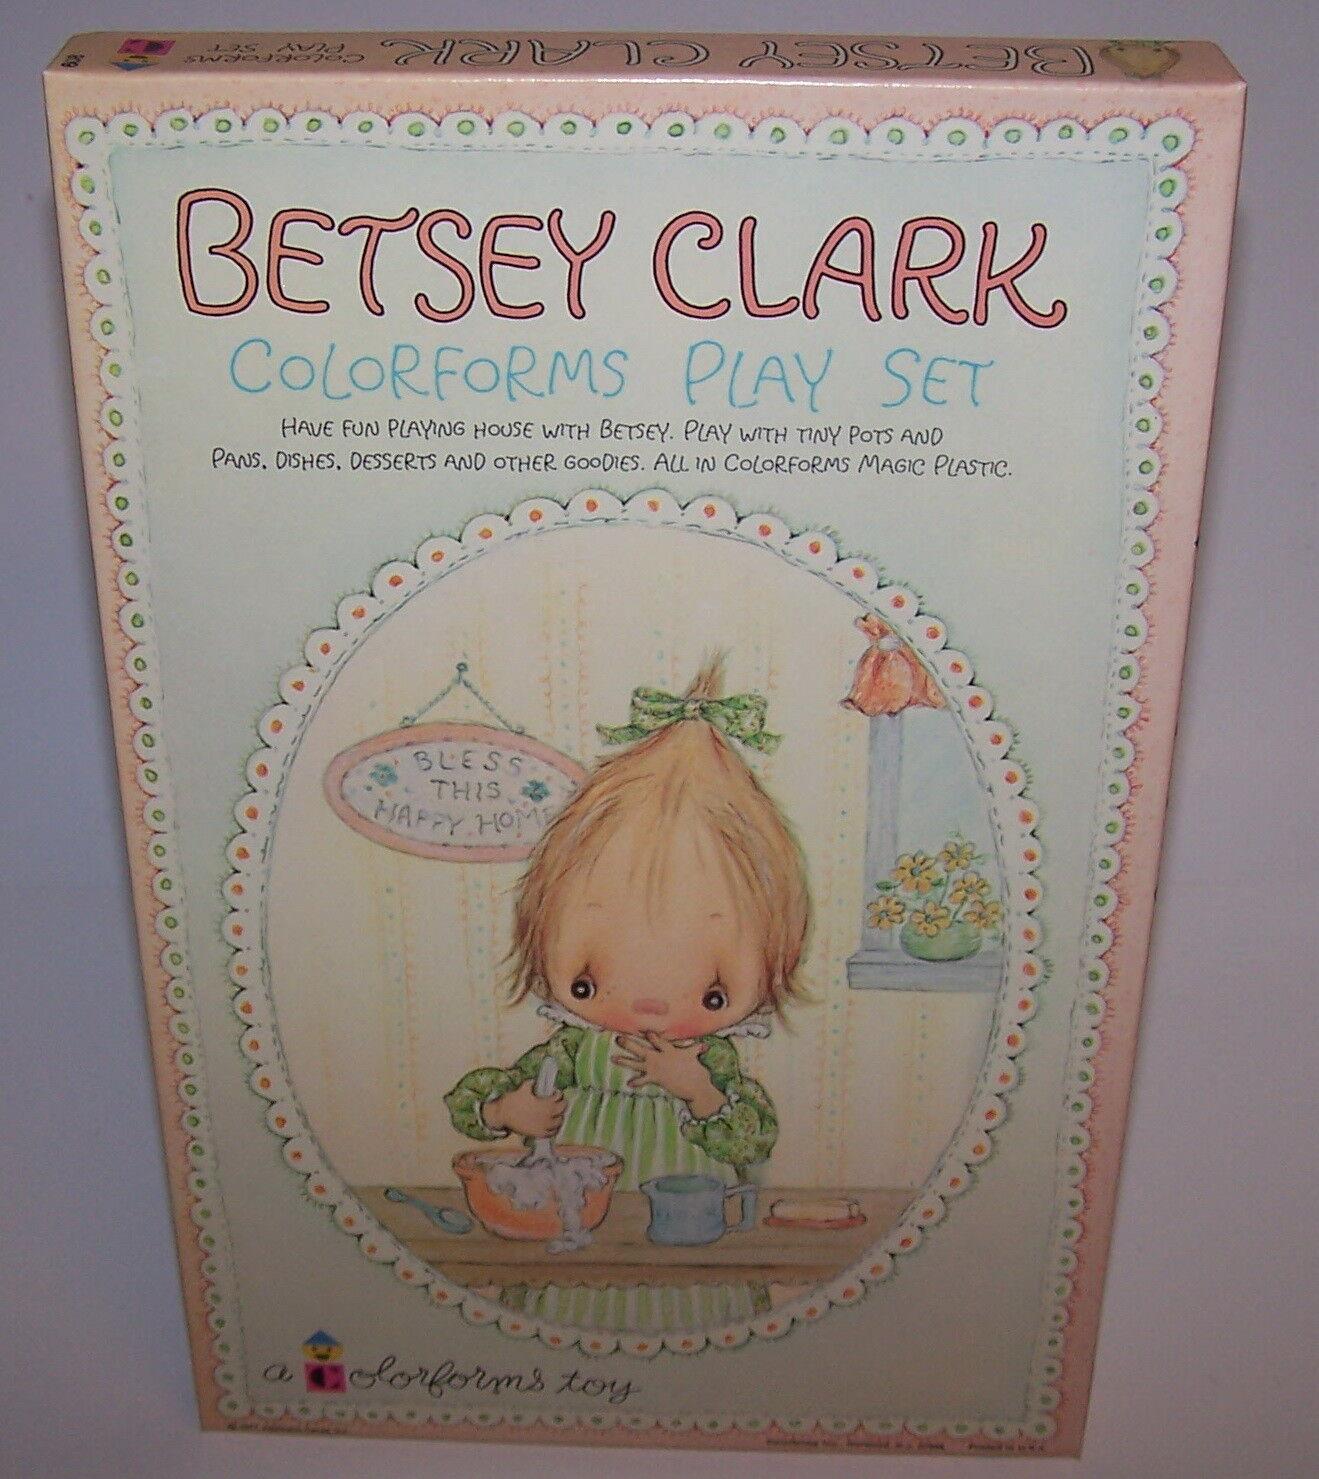 Betsy Clark, colones Jugar set year 1977, colonizadores colonizadores colonizadores abiertos. 84a